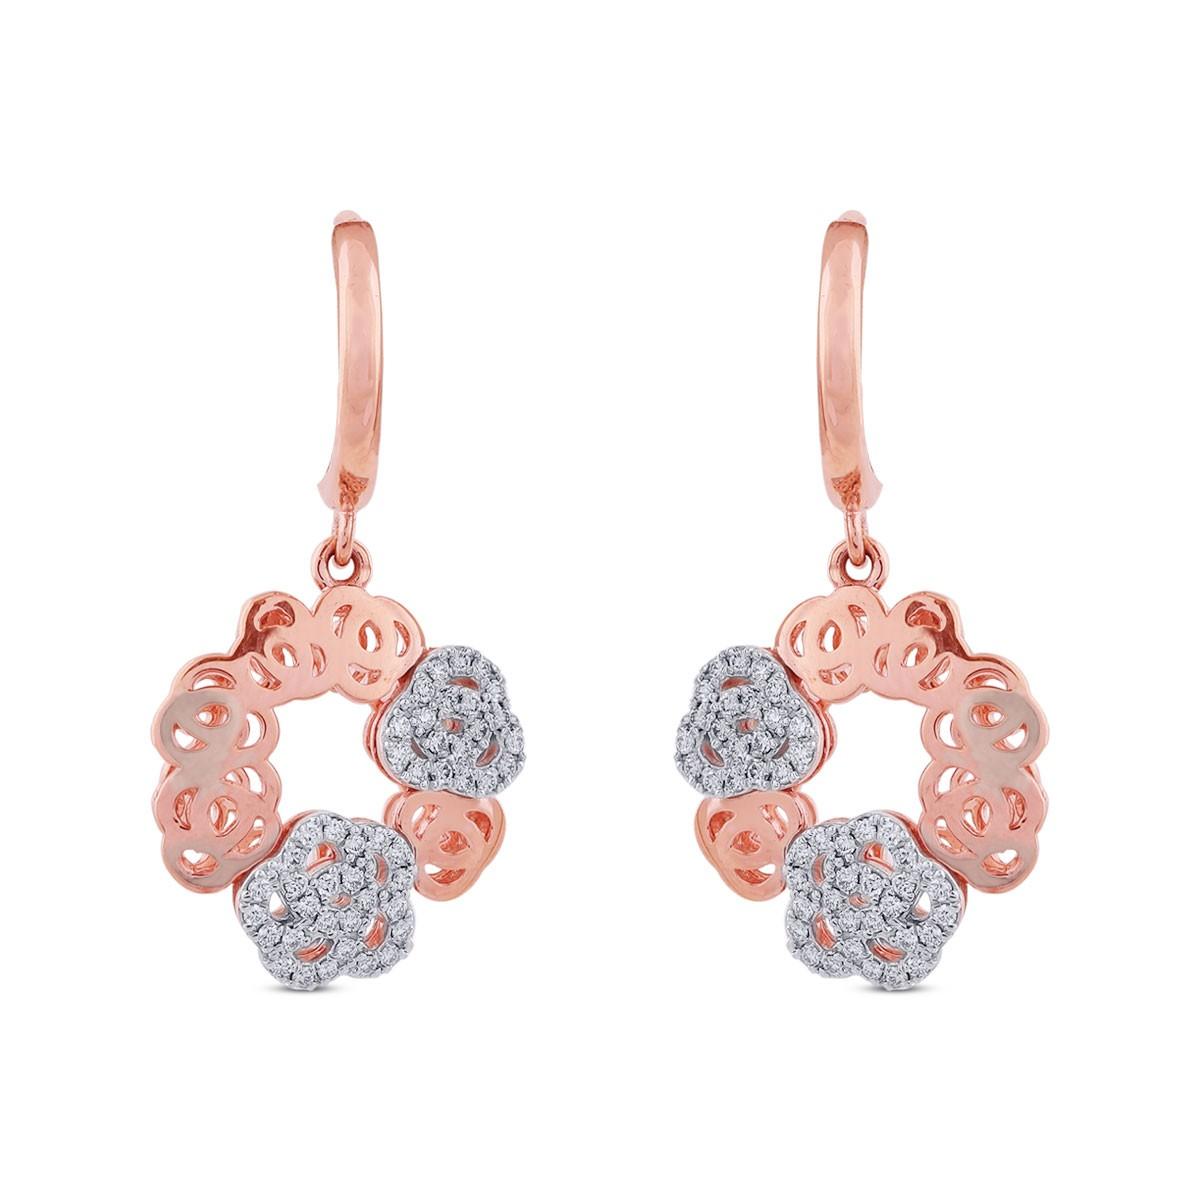 Nina Diamond & Rose Gold Dangler Earrings